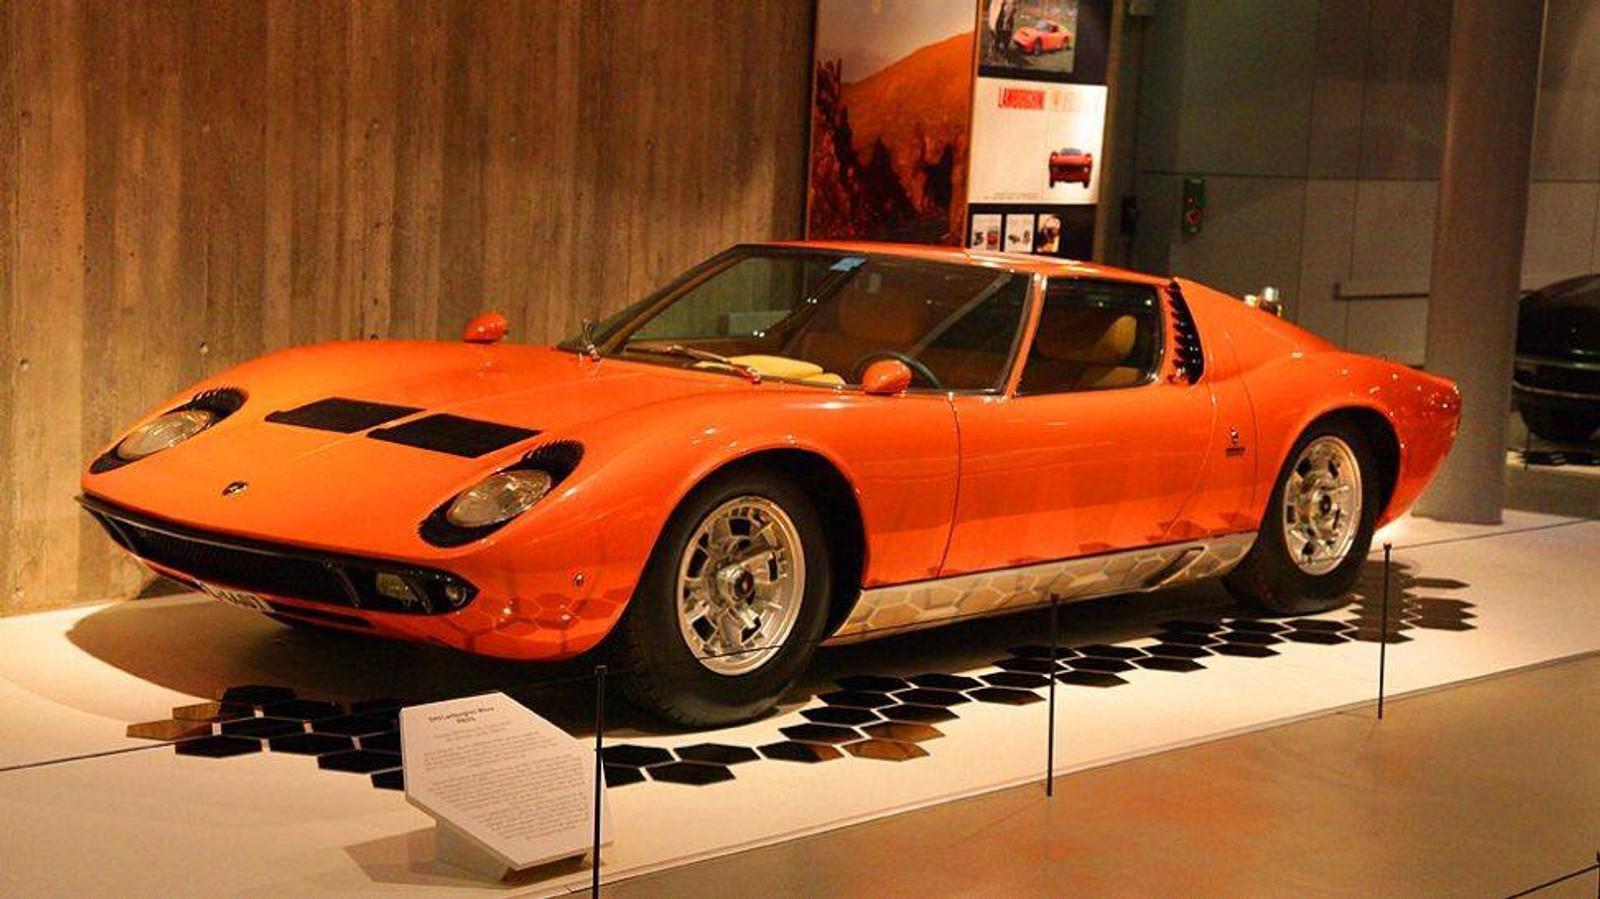 Frank Sinatra har visstnok eid denne Lamborghinien. Dagens eier bor i Oslo, og har tatt den med til Nidarøhallen.